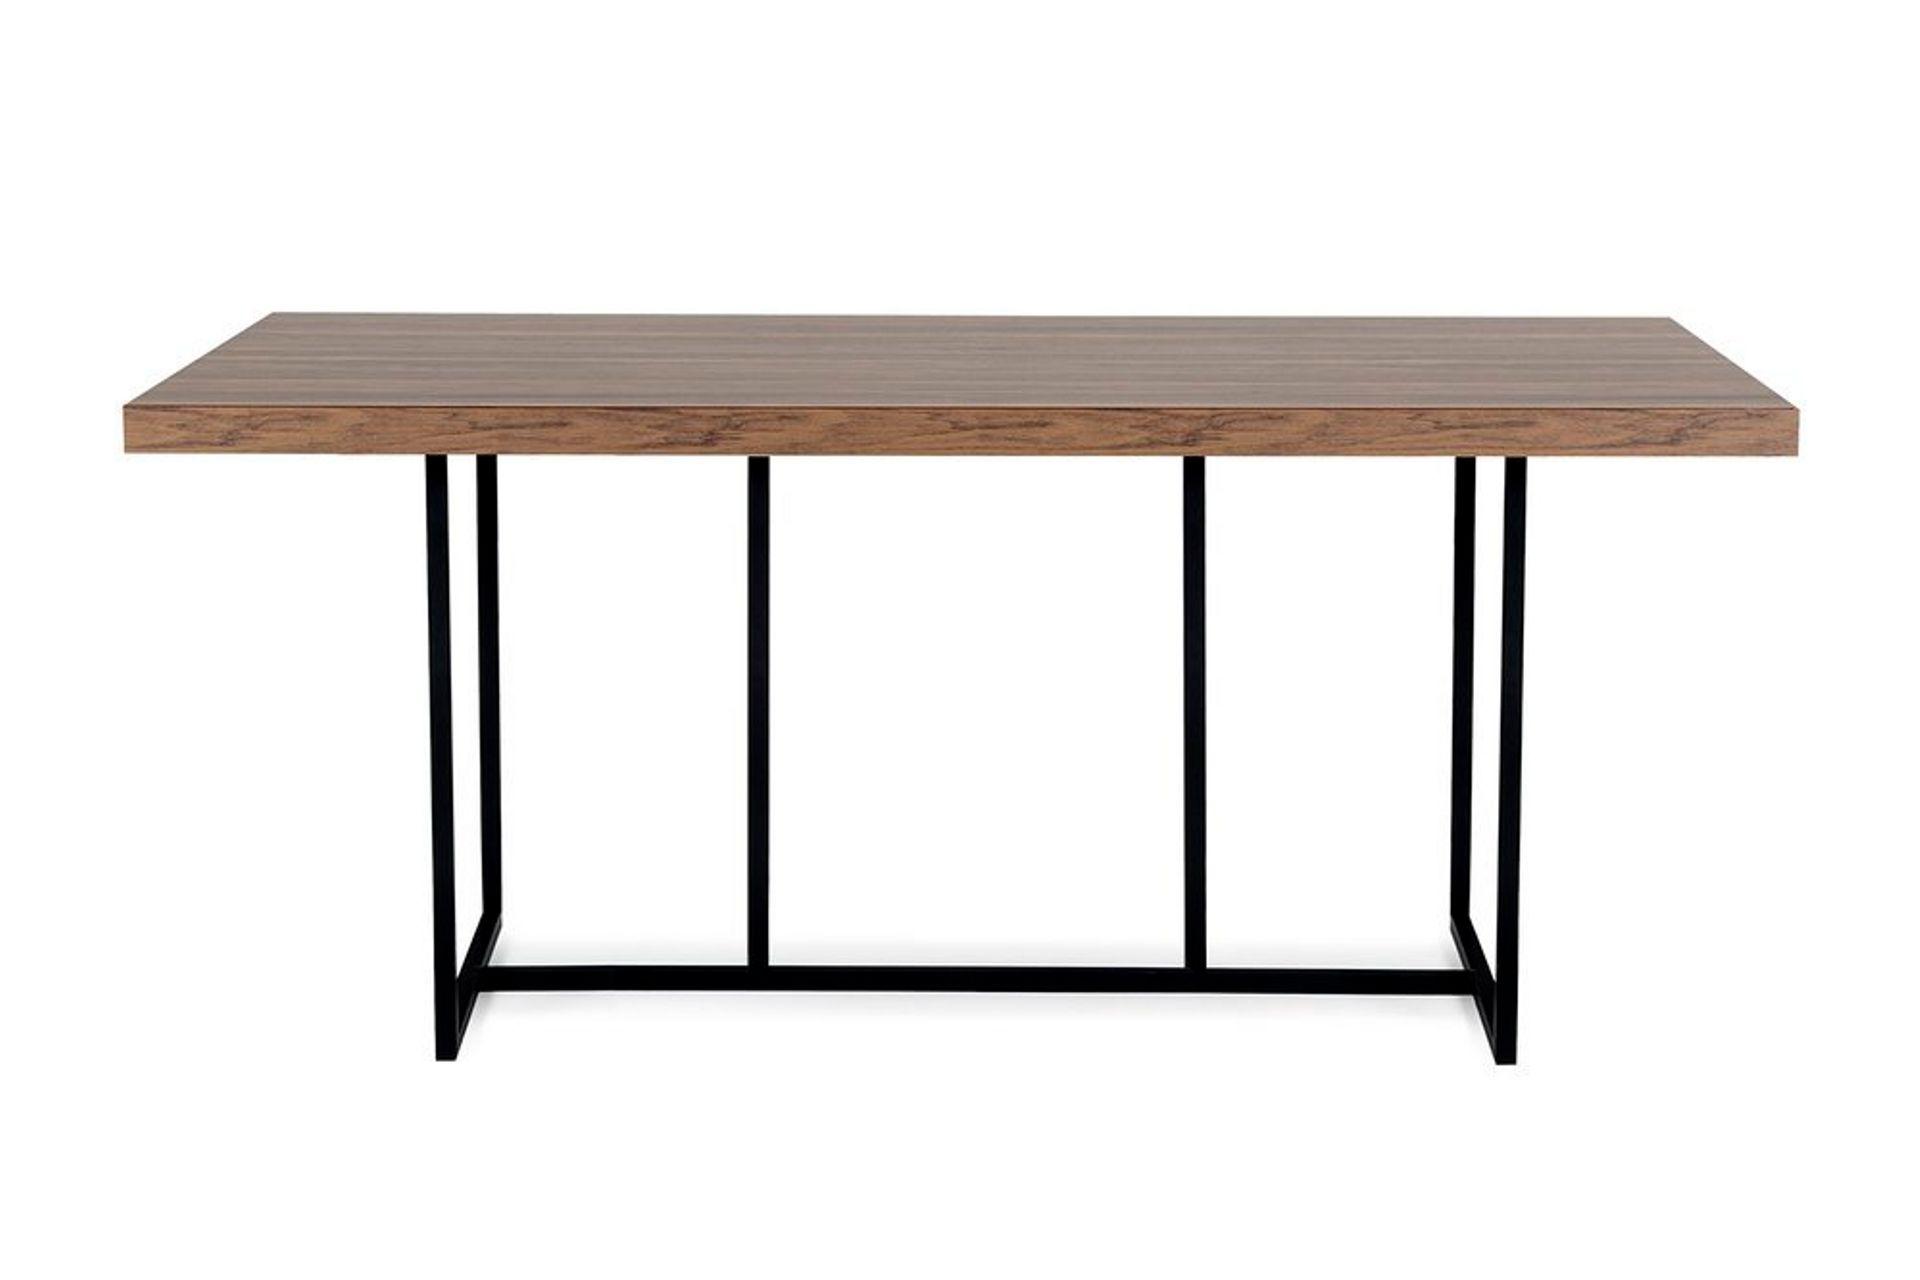 Pandora Dining Table, Walnut